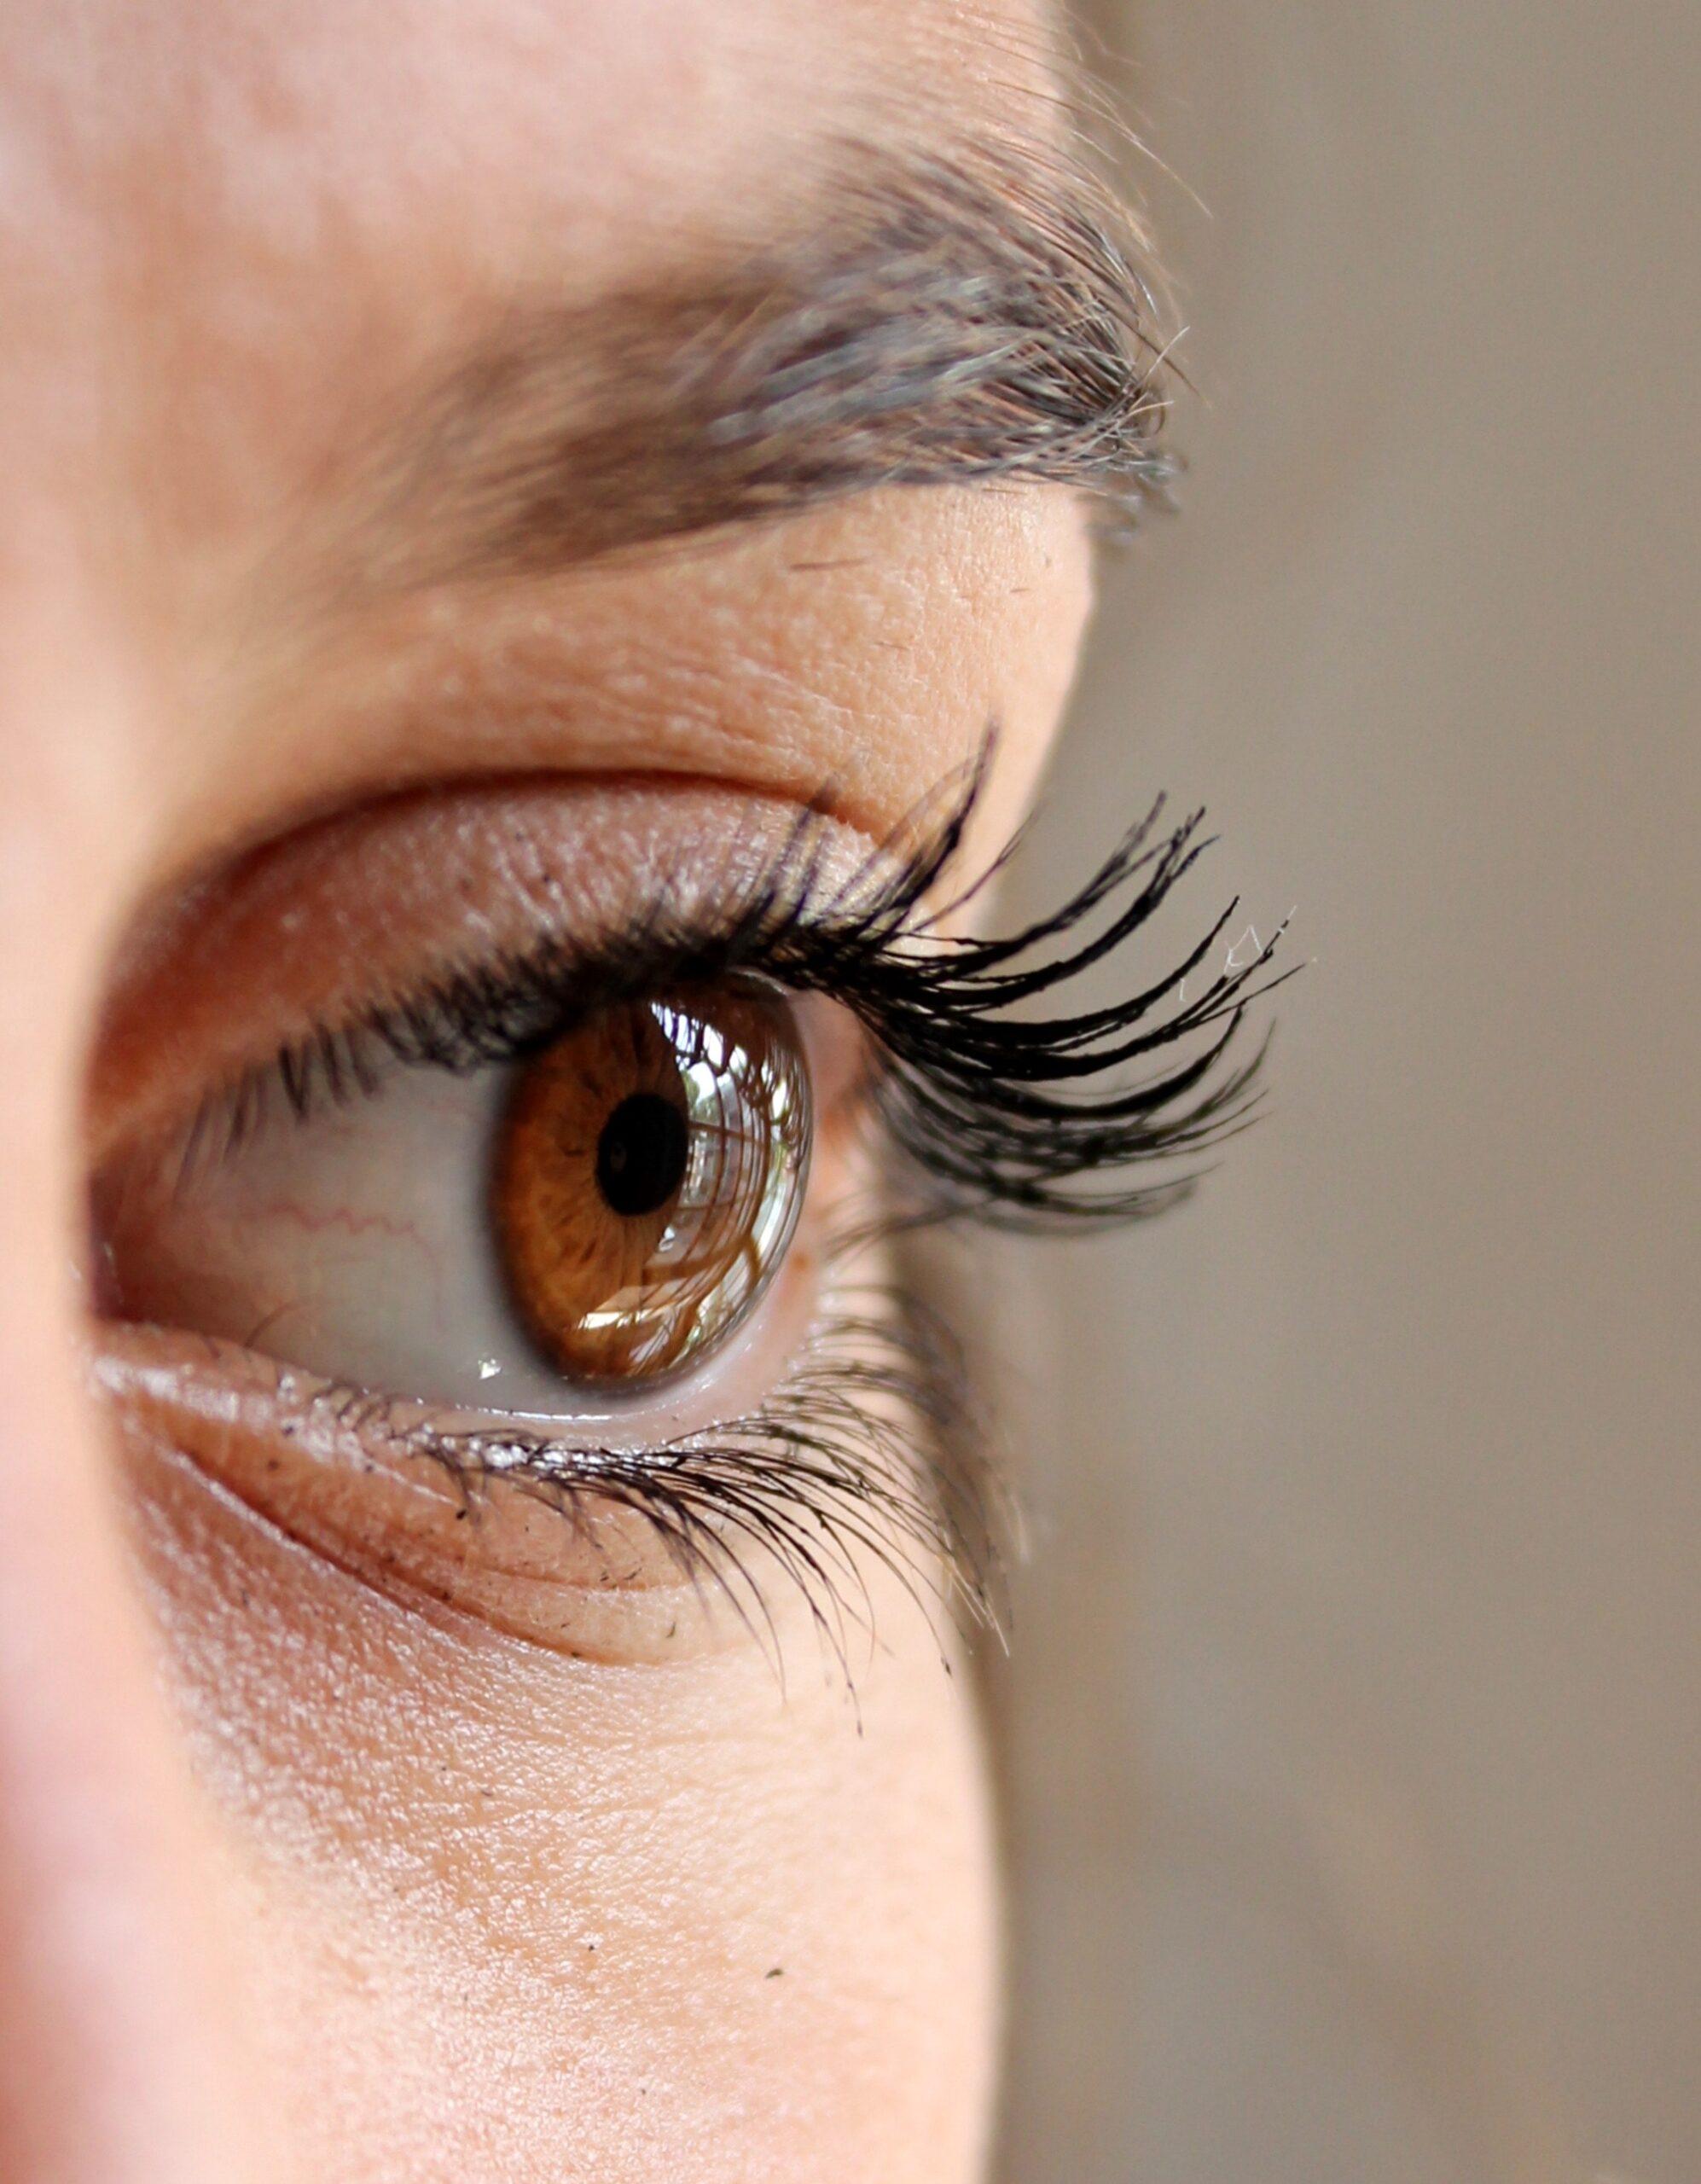 ขี้เกียจติดขนตา แวะมาใช้บริการร้านต่อขนตาพัทยากับ「 5 ร้านสุดปังที่ห้ามพลาด!!」